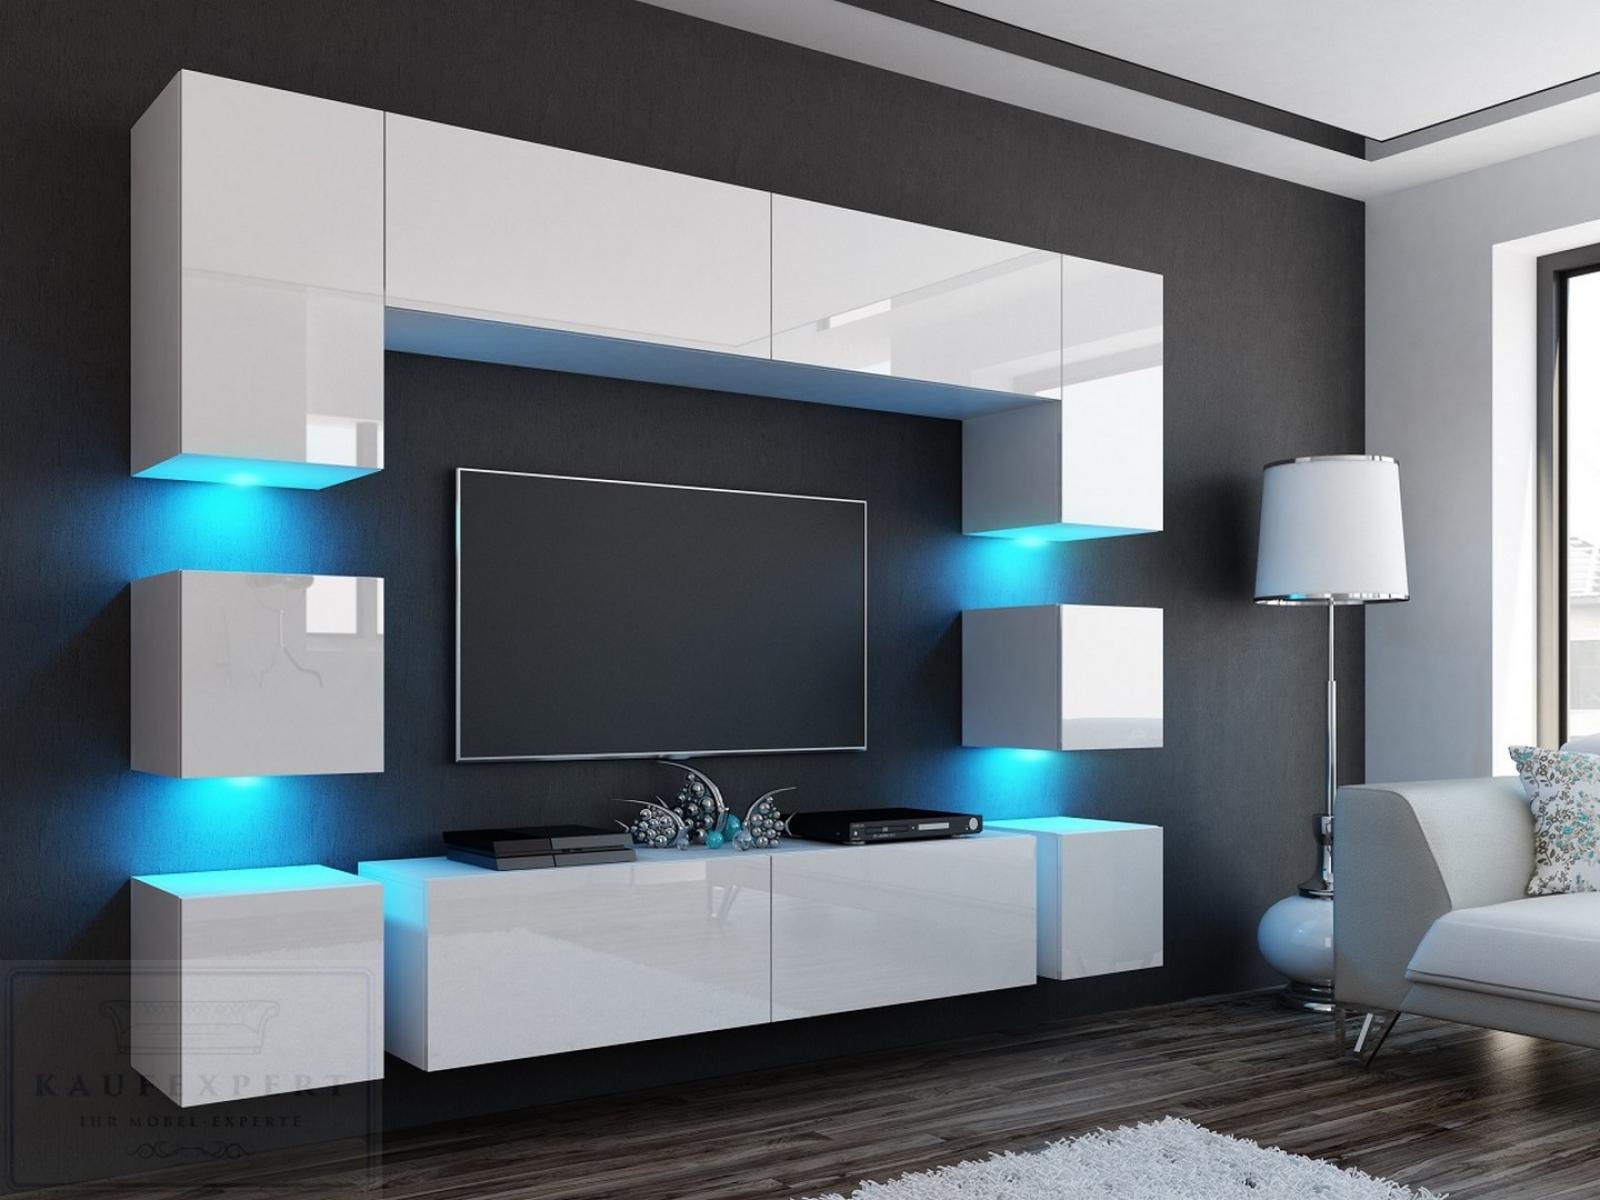 Wohnwand weiß hochglanz modern  KAUFEXPERT - Wohnwand Quadro Weiß Hochglanz 228 cm Mediawand ...